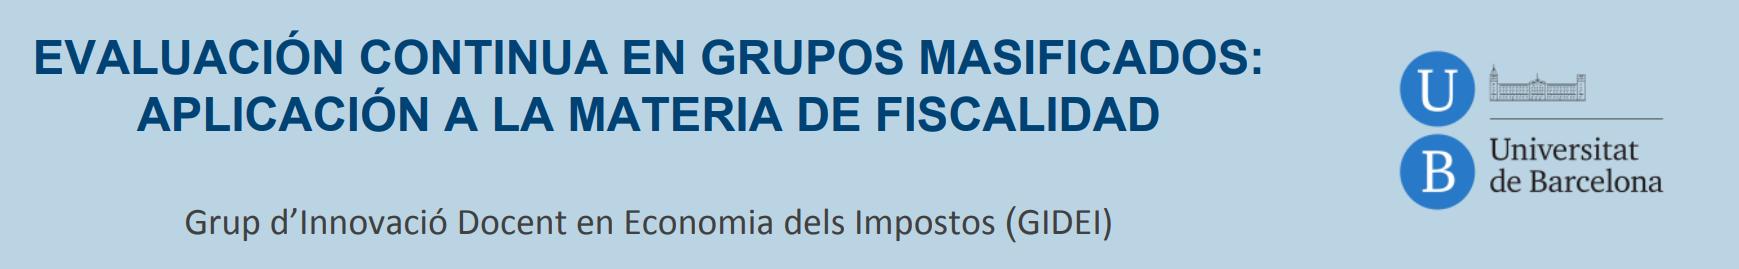 Evaluación continua en grupos masificados: aplicación a la materia de fiscalidad